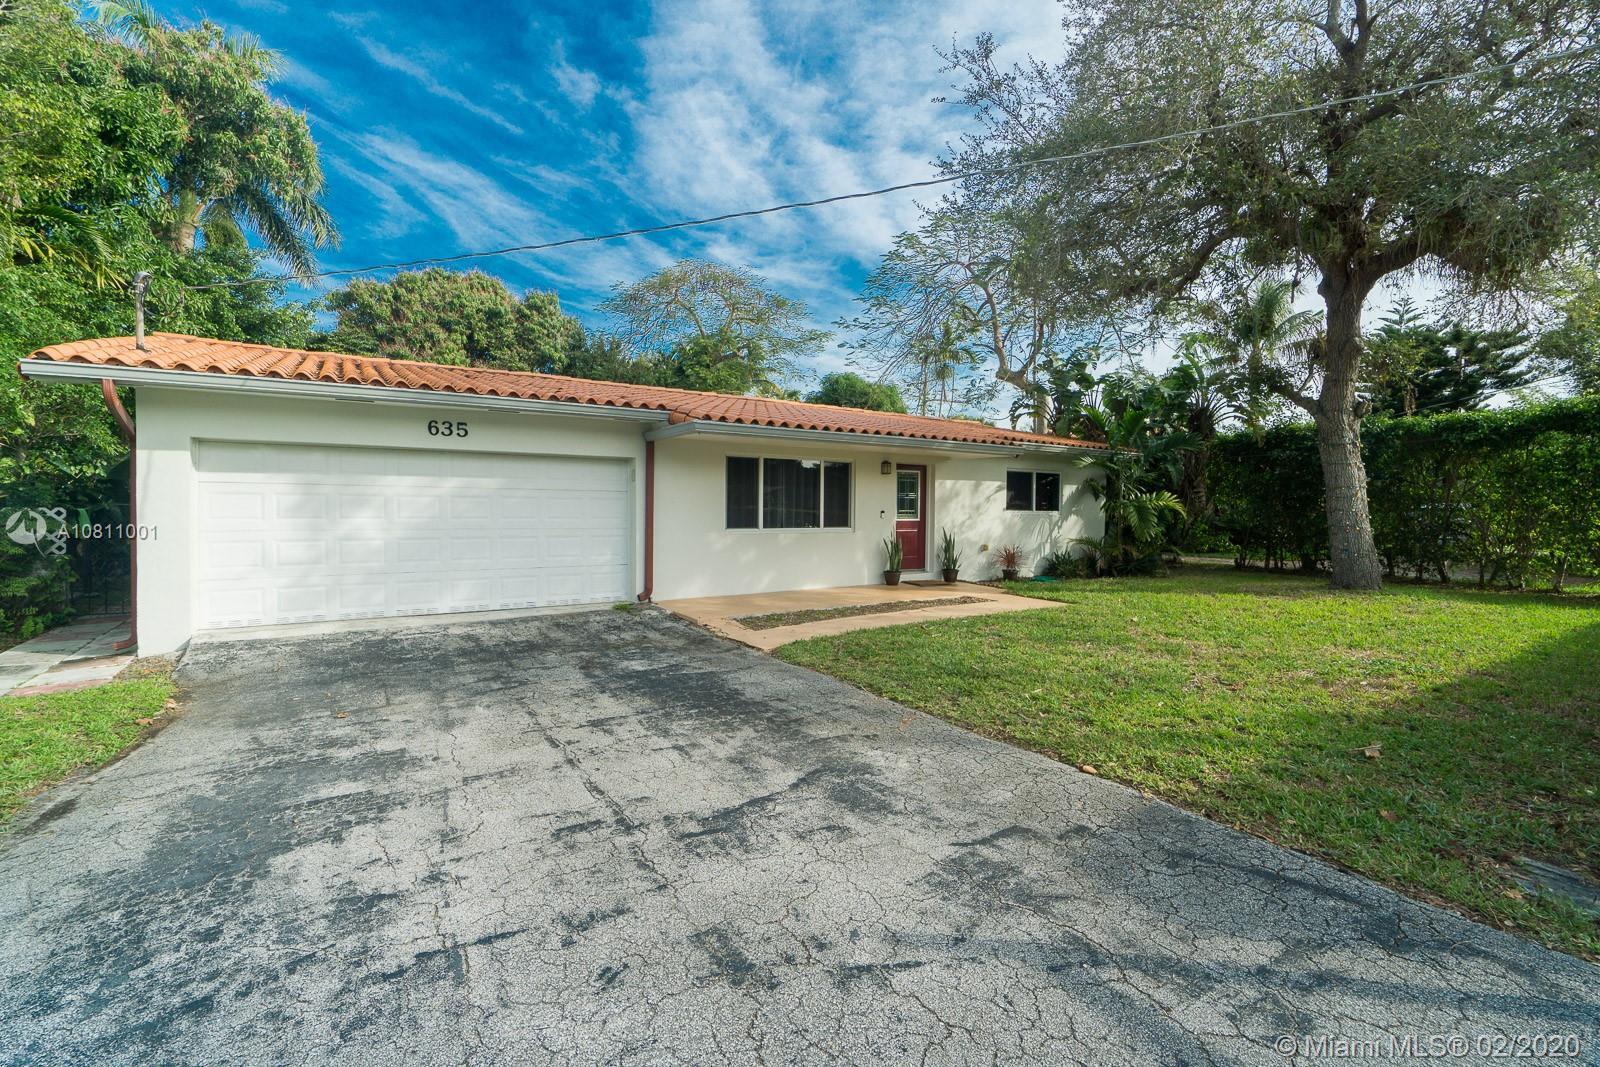 635 NE 116th St, Biscayne Park, FL 33161 - Biscayne Park, FL real estate listing